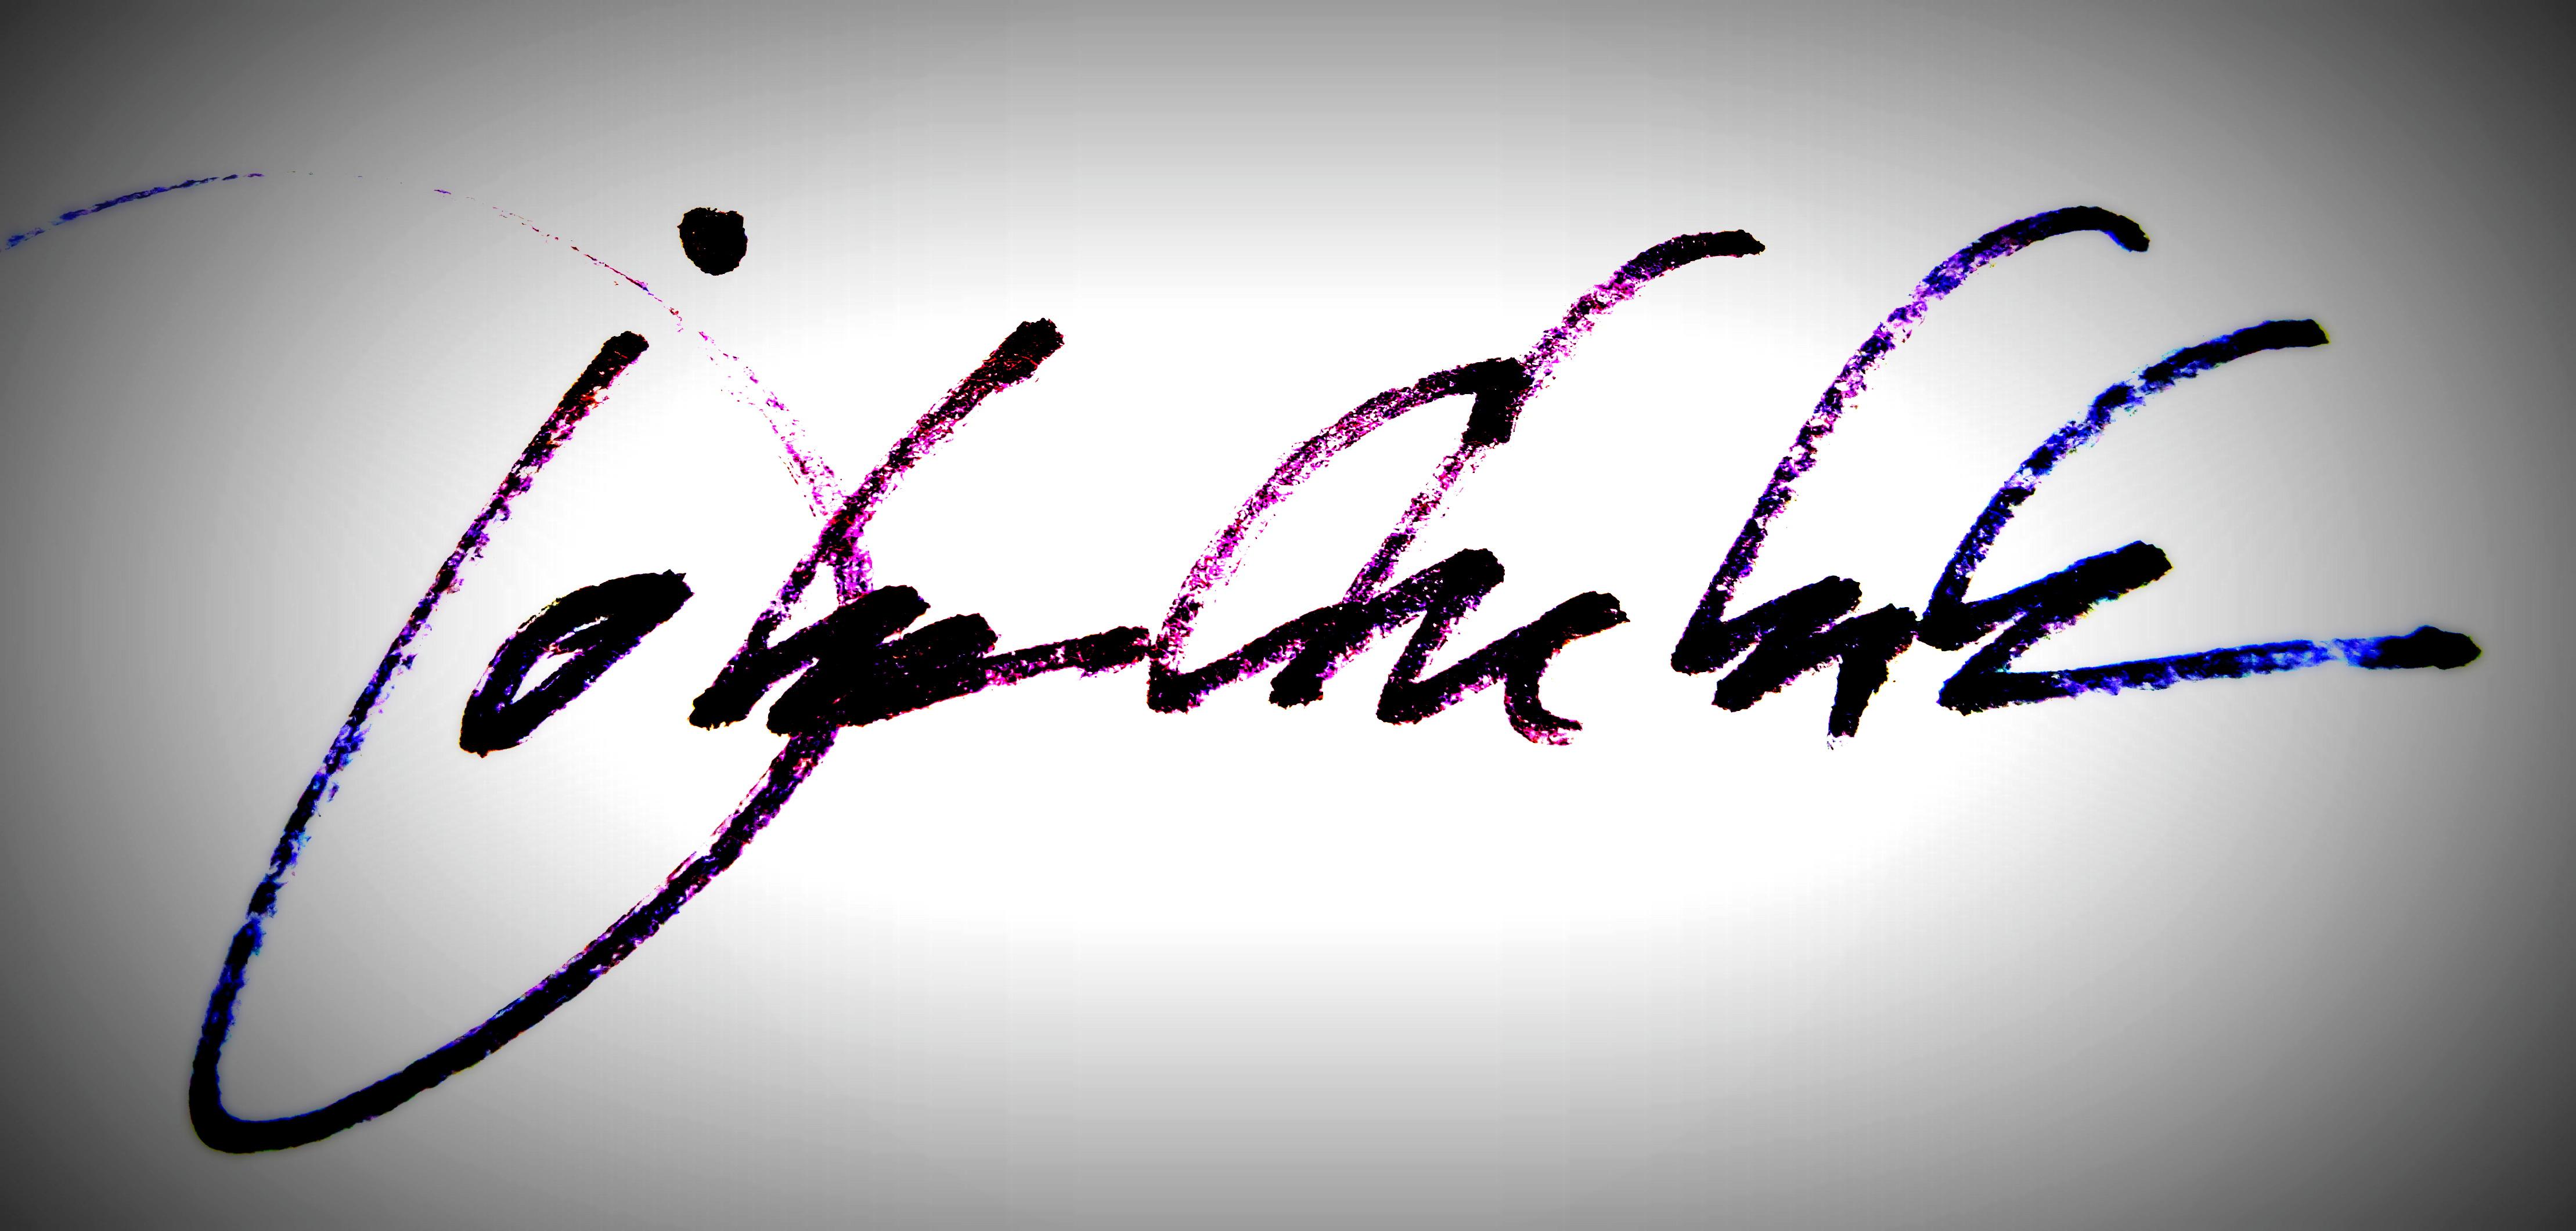 john chehak's Signature